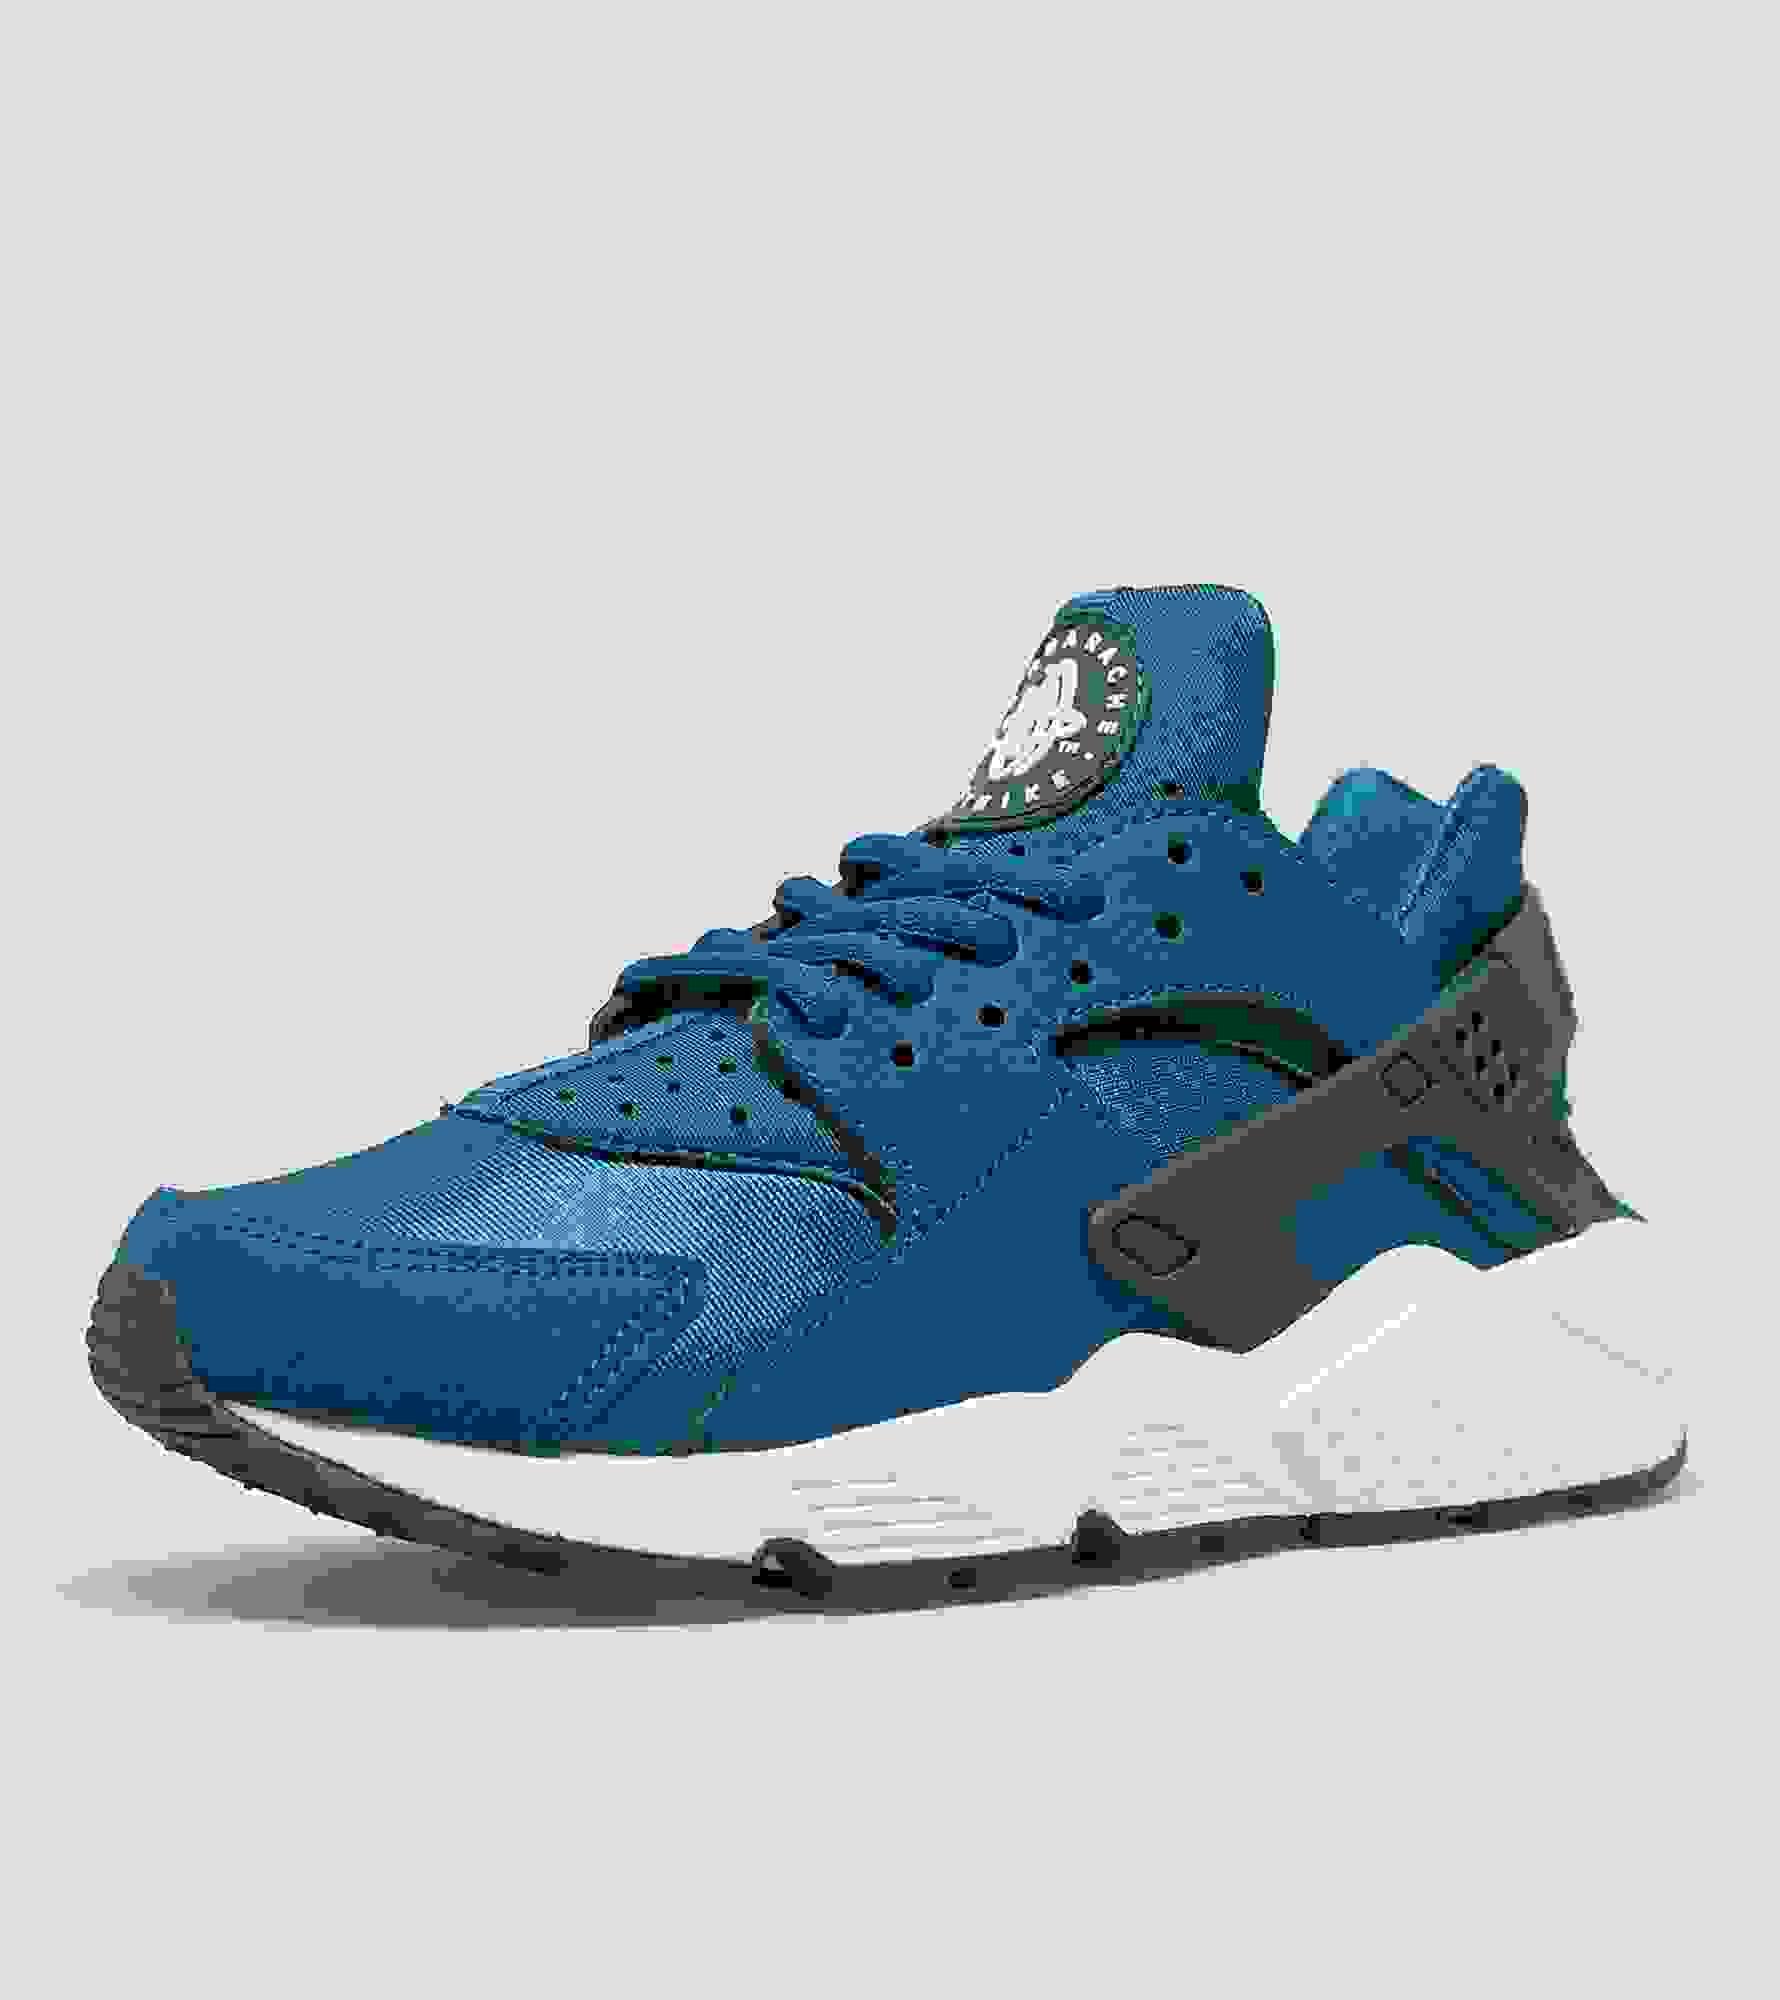 8f46b4a9caa822 Air Jordan 12 Waterproof Nylon